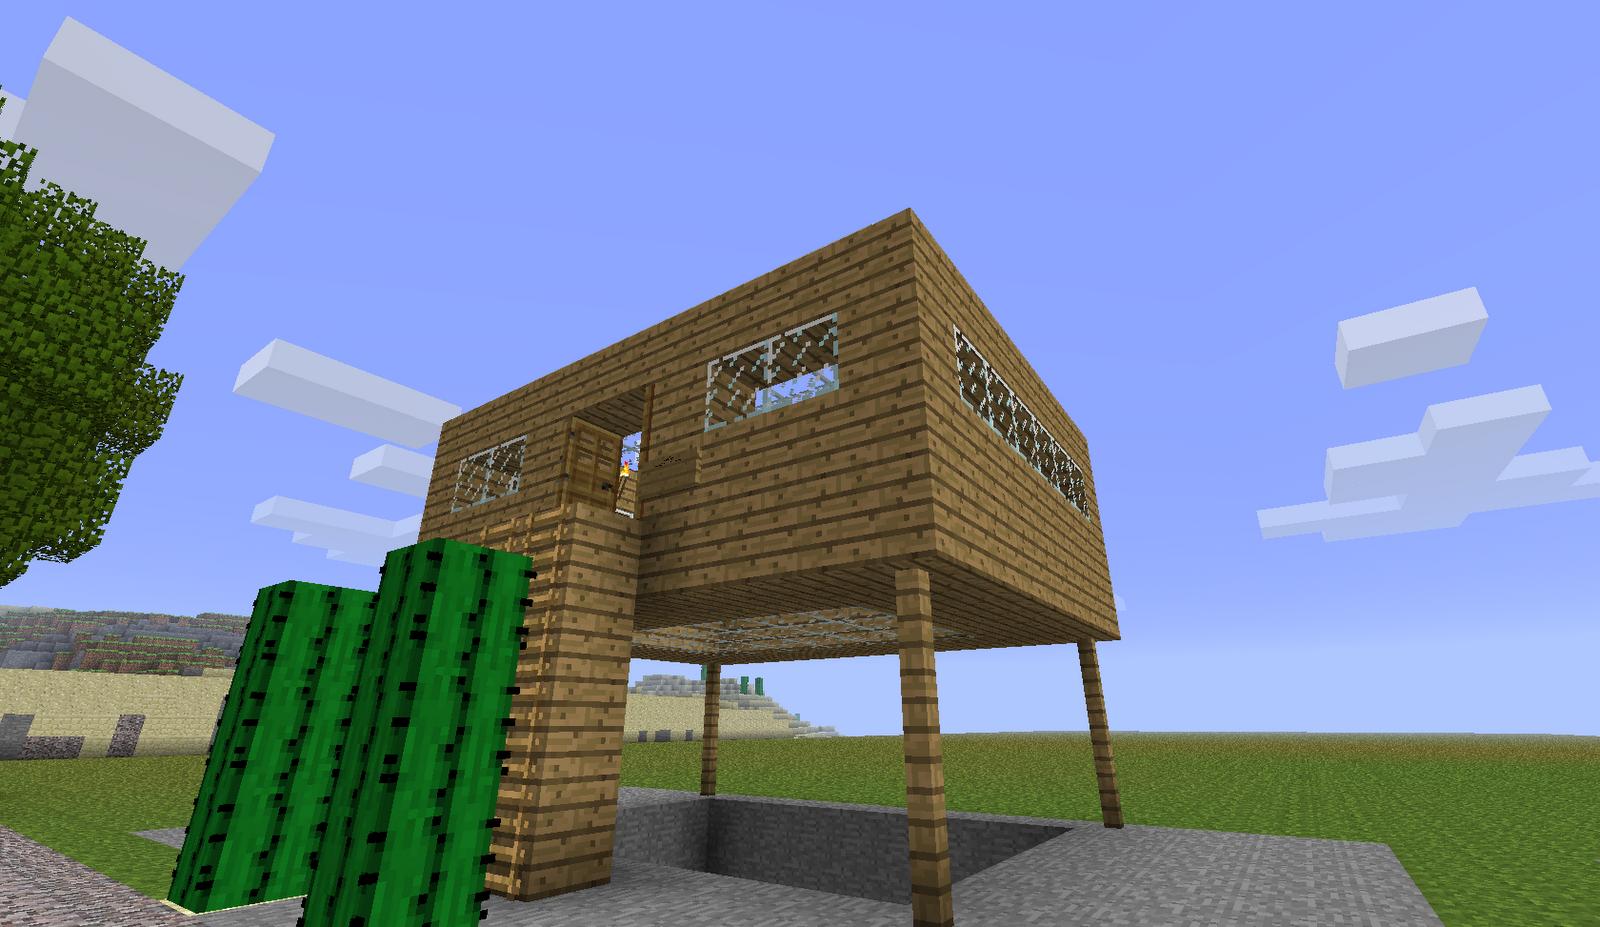 Minecraft Hauser Zum Nachbauen Einfach Alles über Wohndesign Und - Minecraft hauser zum nachbauen einfach